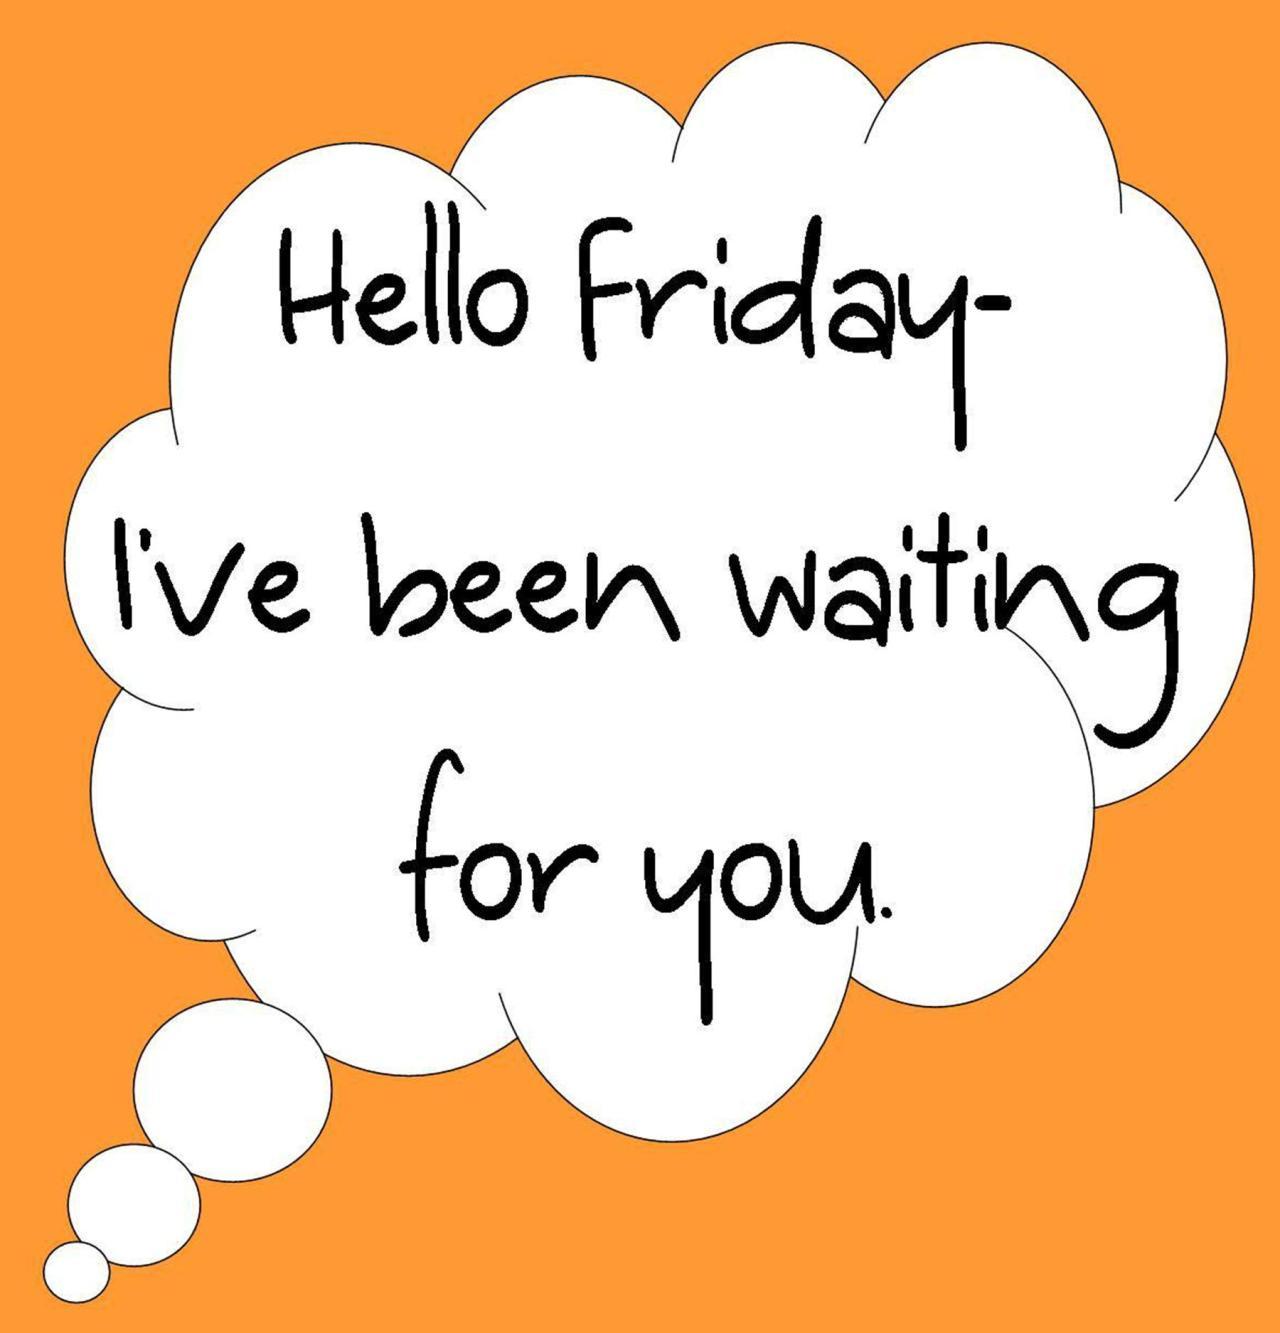 #Hello #Friday!